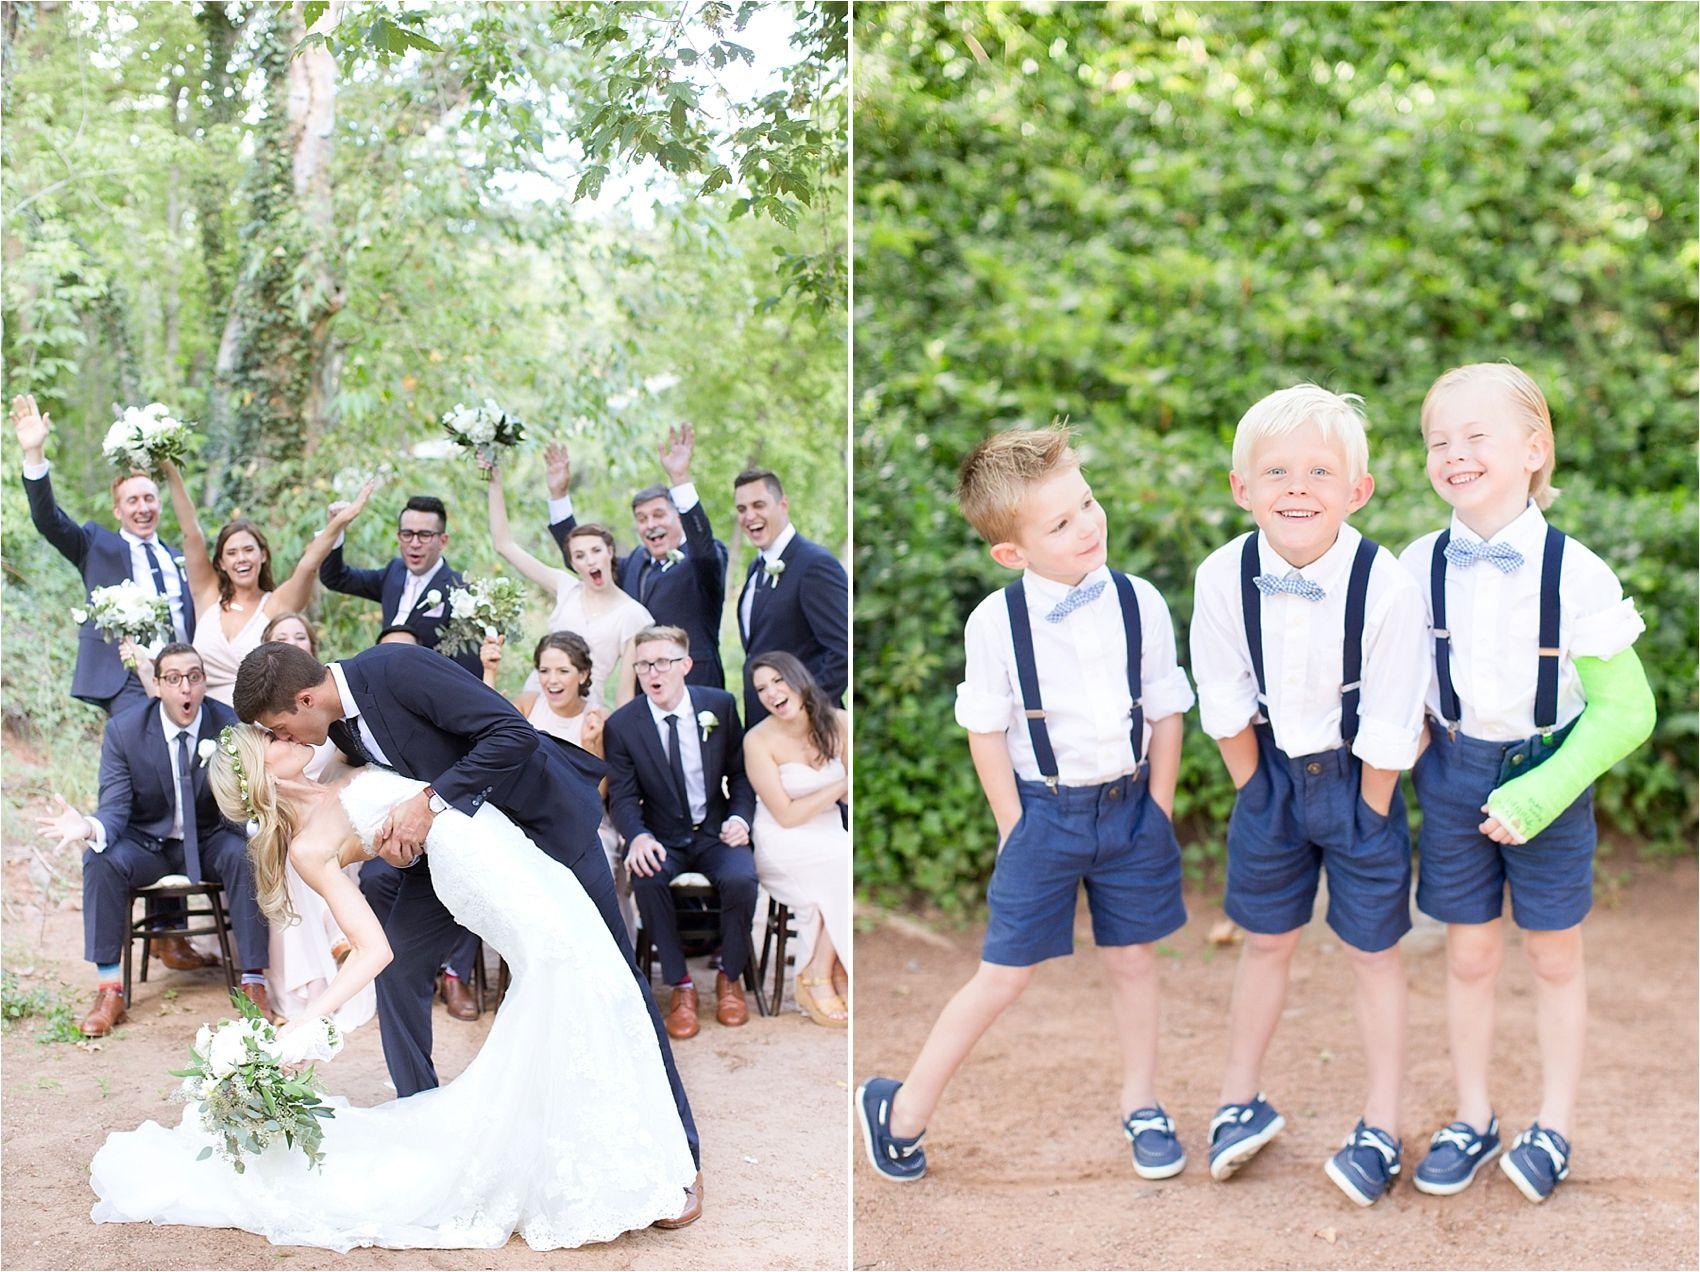 Blush Pink Garden Wedding - Wedding Ideas | Weddings Inc.